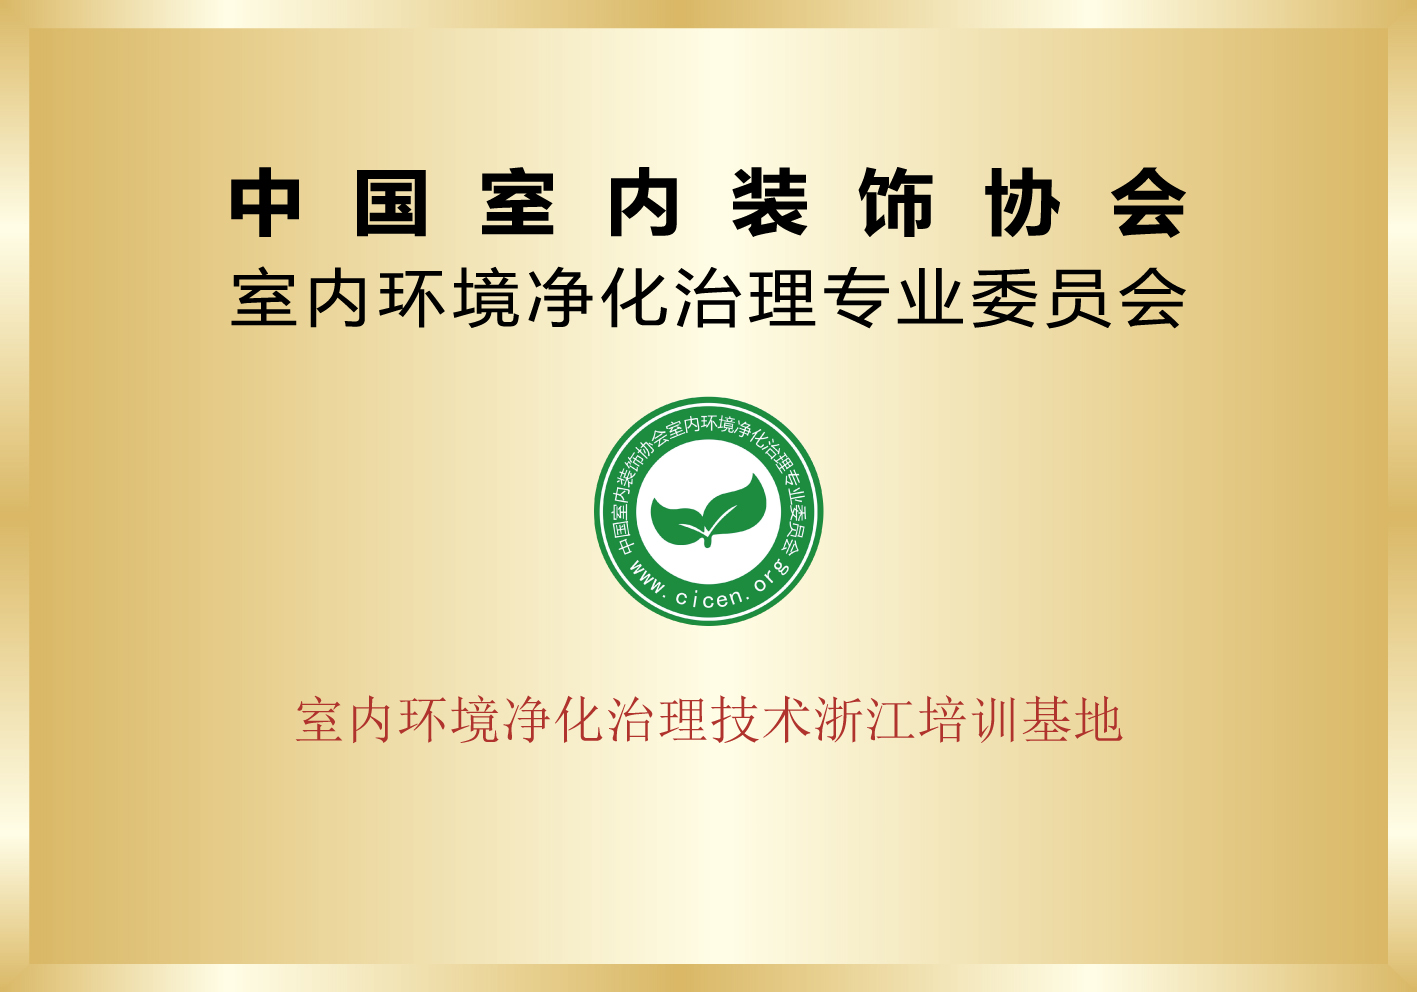 室内环境净化治理专业委员会室内环境净化治理技术浙江培训基地